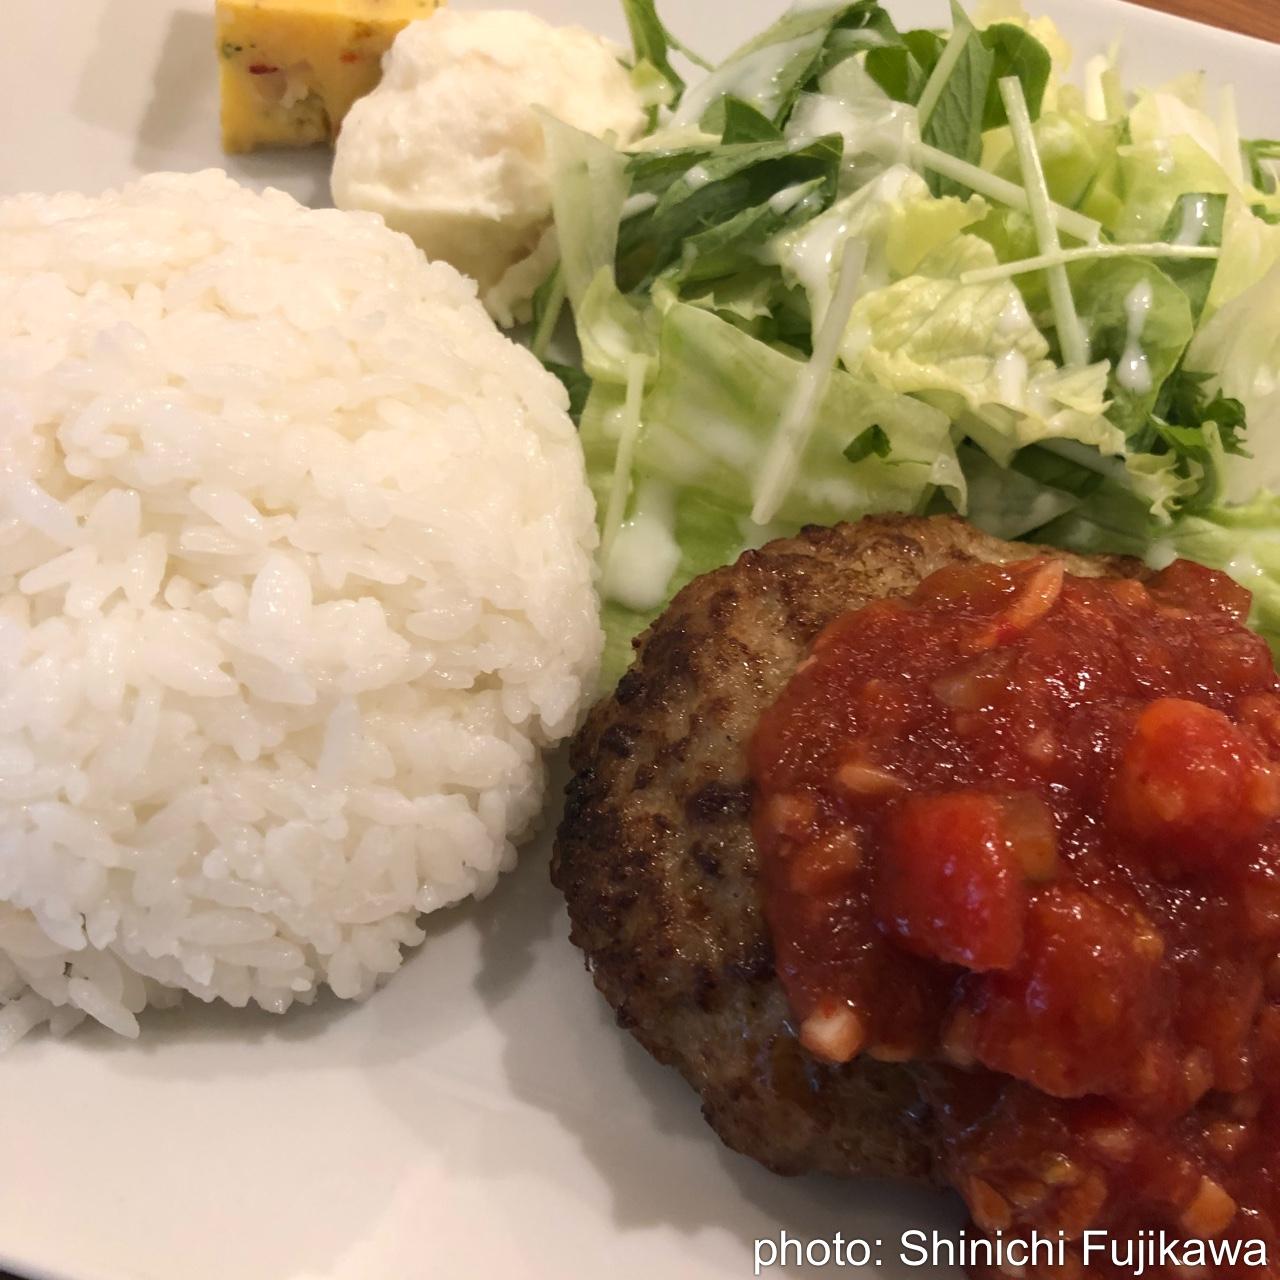 六本木 焼肉 格之進Nikutell 六本木店|六本木 焼肉 ハンバーガー 熟成肉 門崎熟成肉>